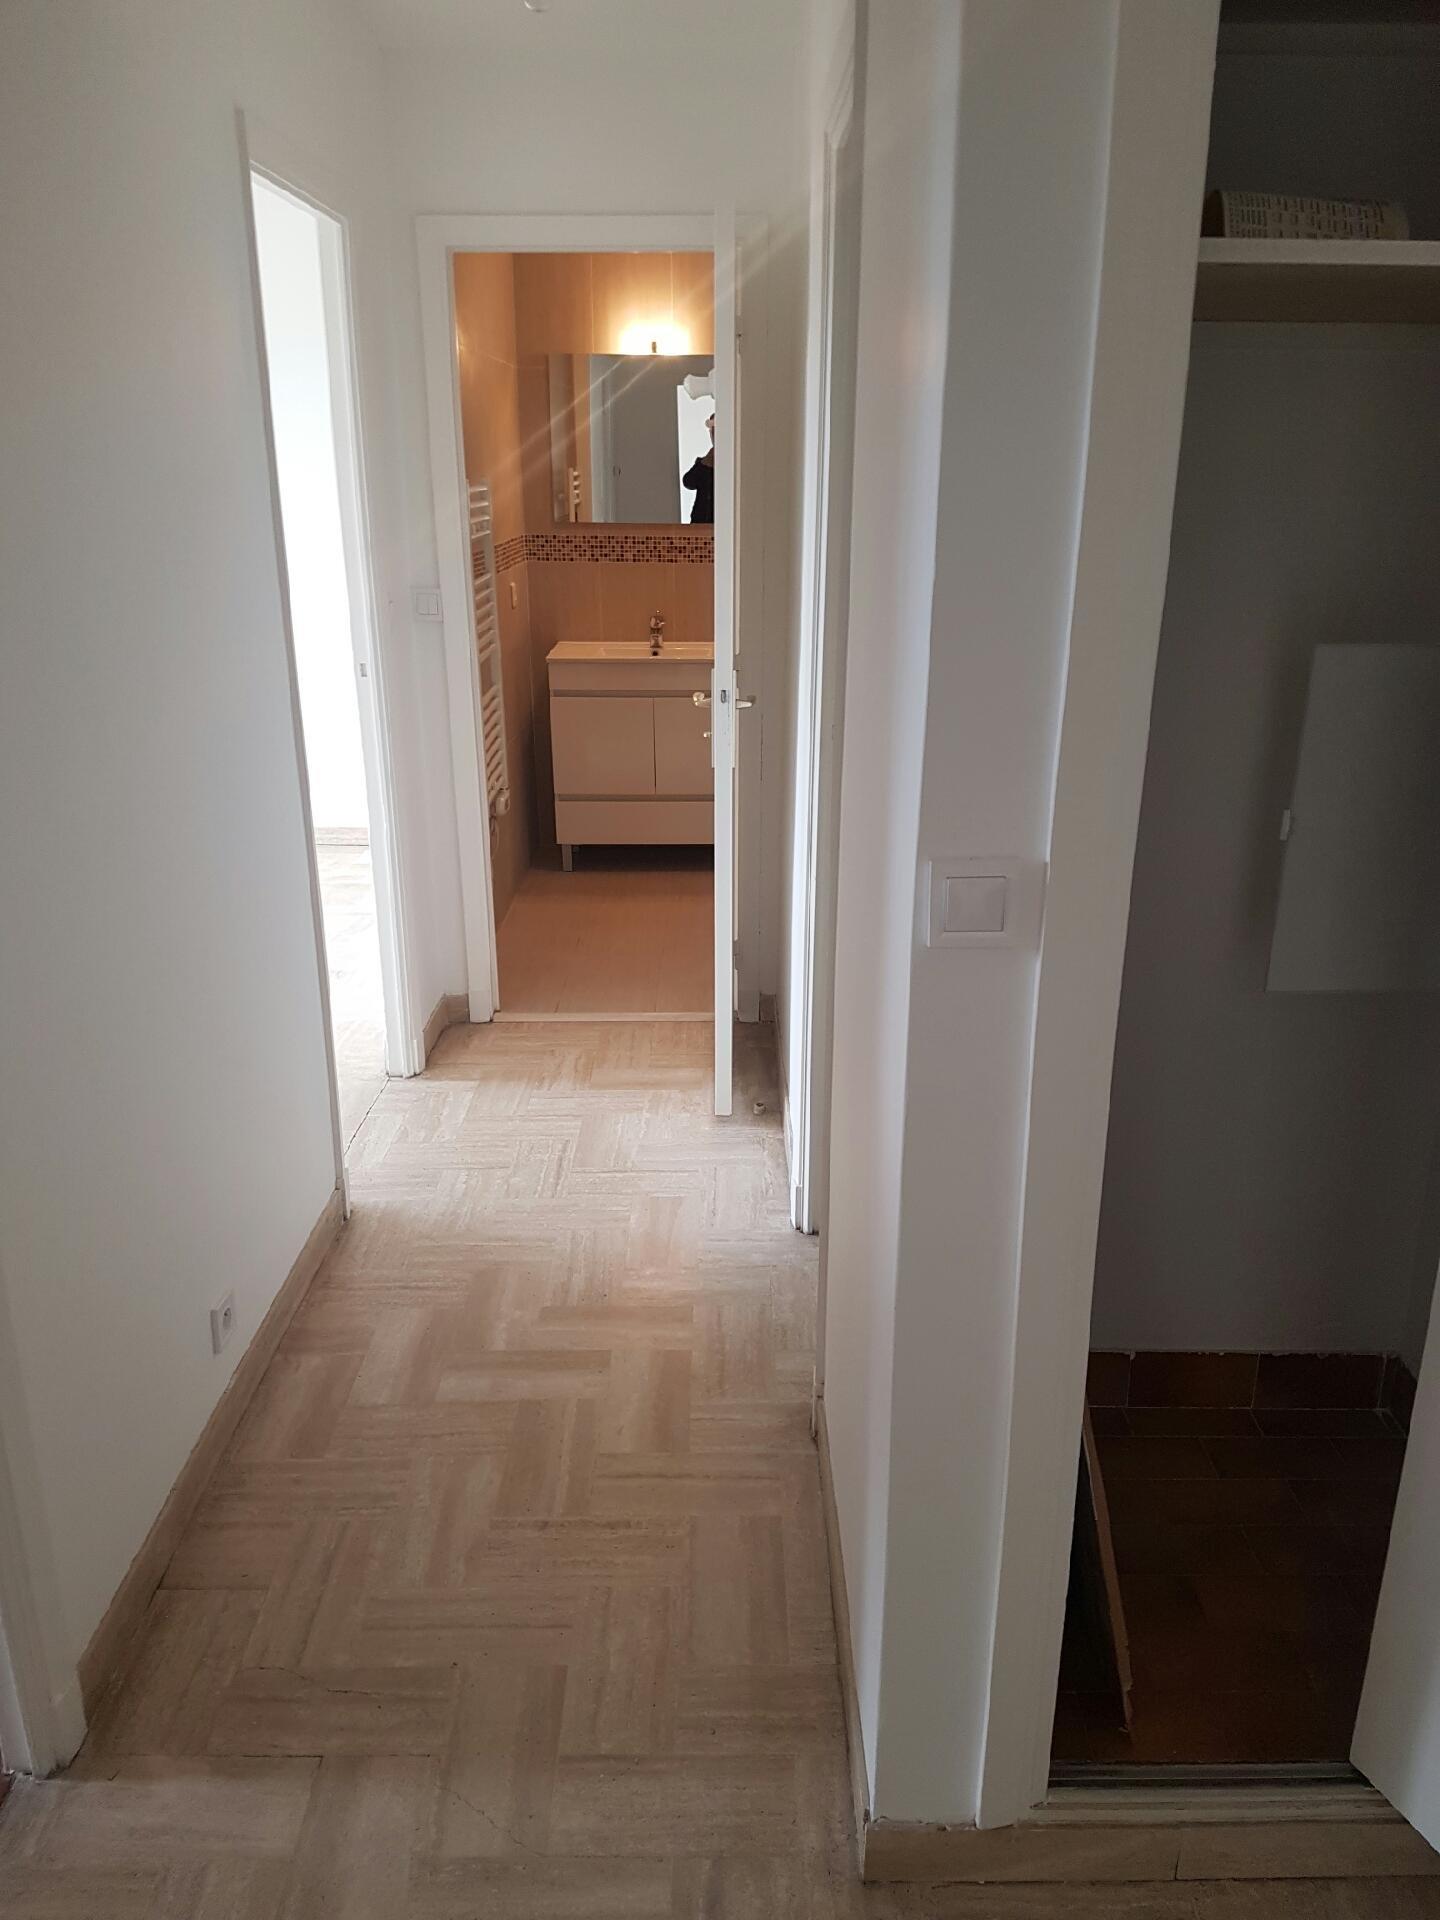 Appartement 2 pièces Saint Laurent du var